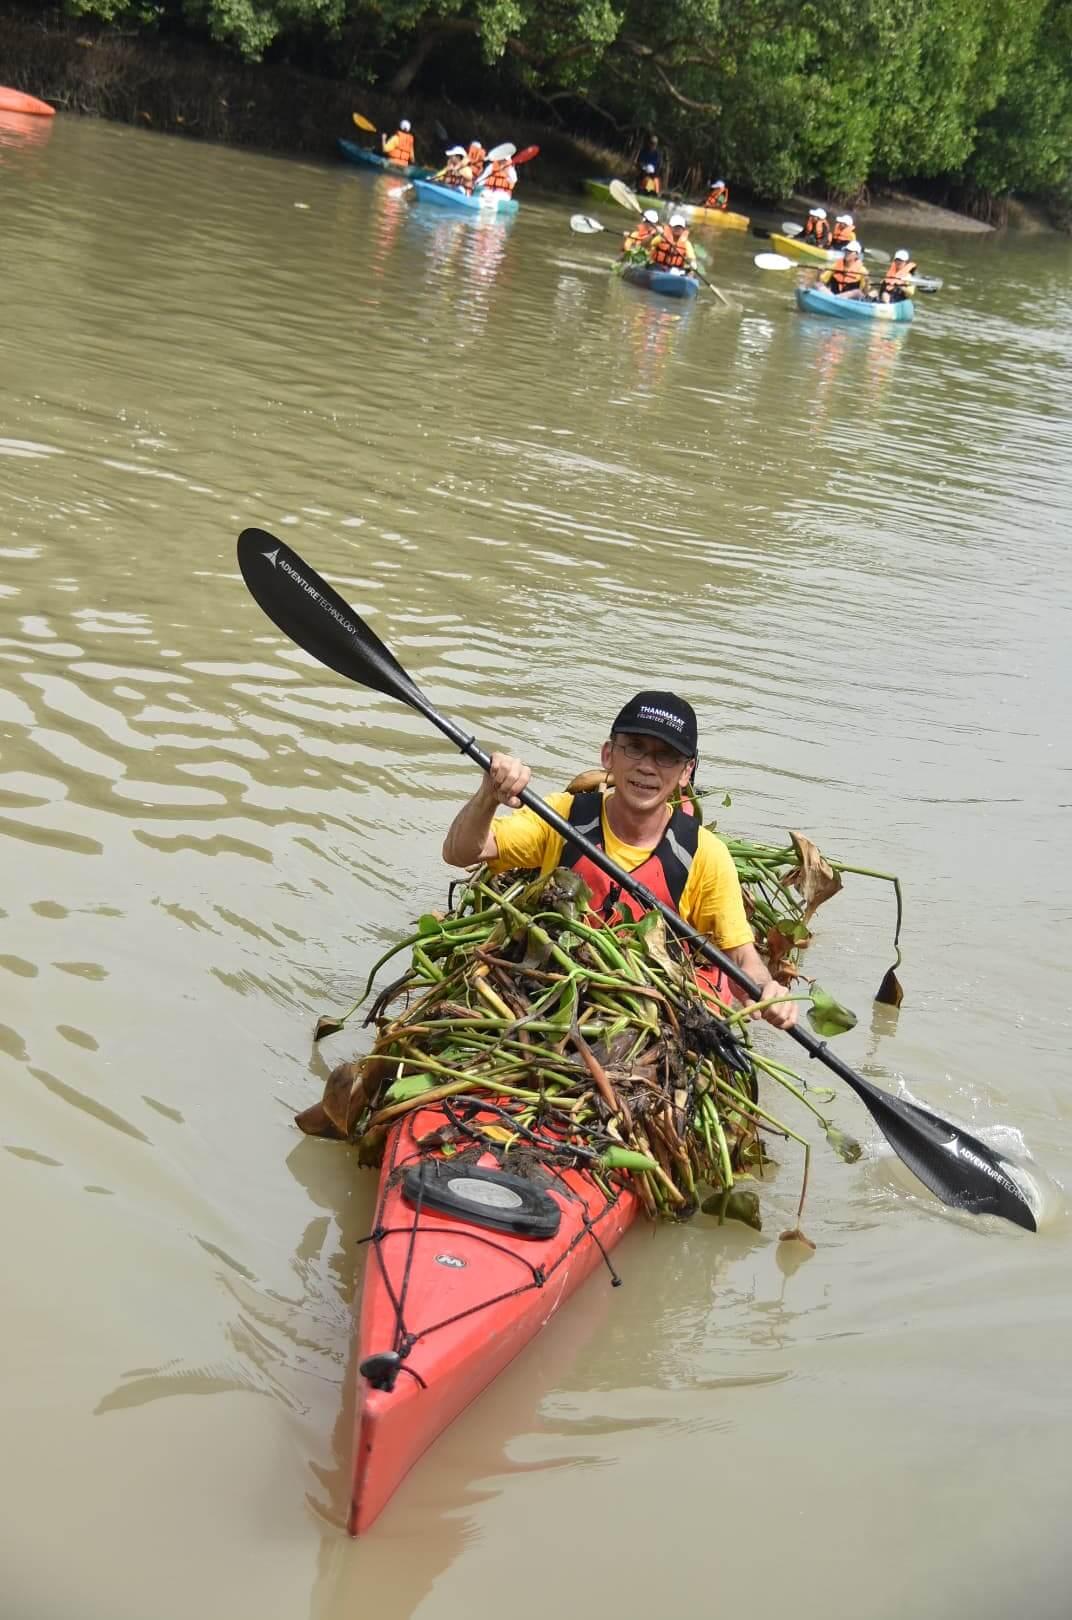 พายเรือเก็บขยะได้ถึง 2 ตัน ธรรมศาสตร์ร่วมสานต่อ #PlasticRights ในแม่น้ำระยอง 18 - junk